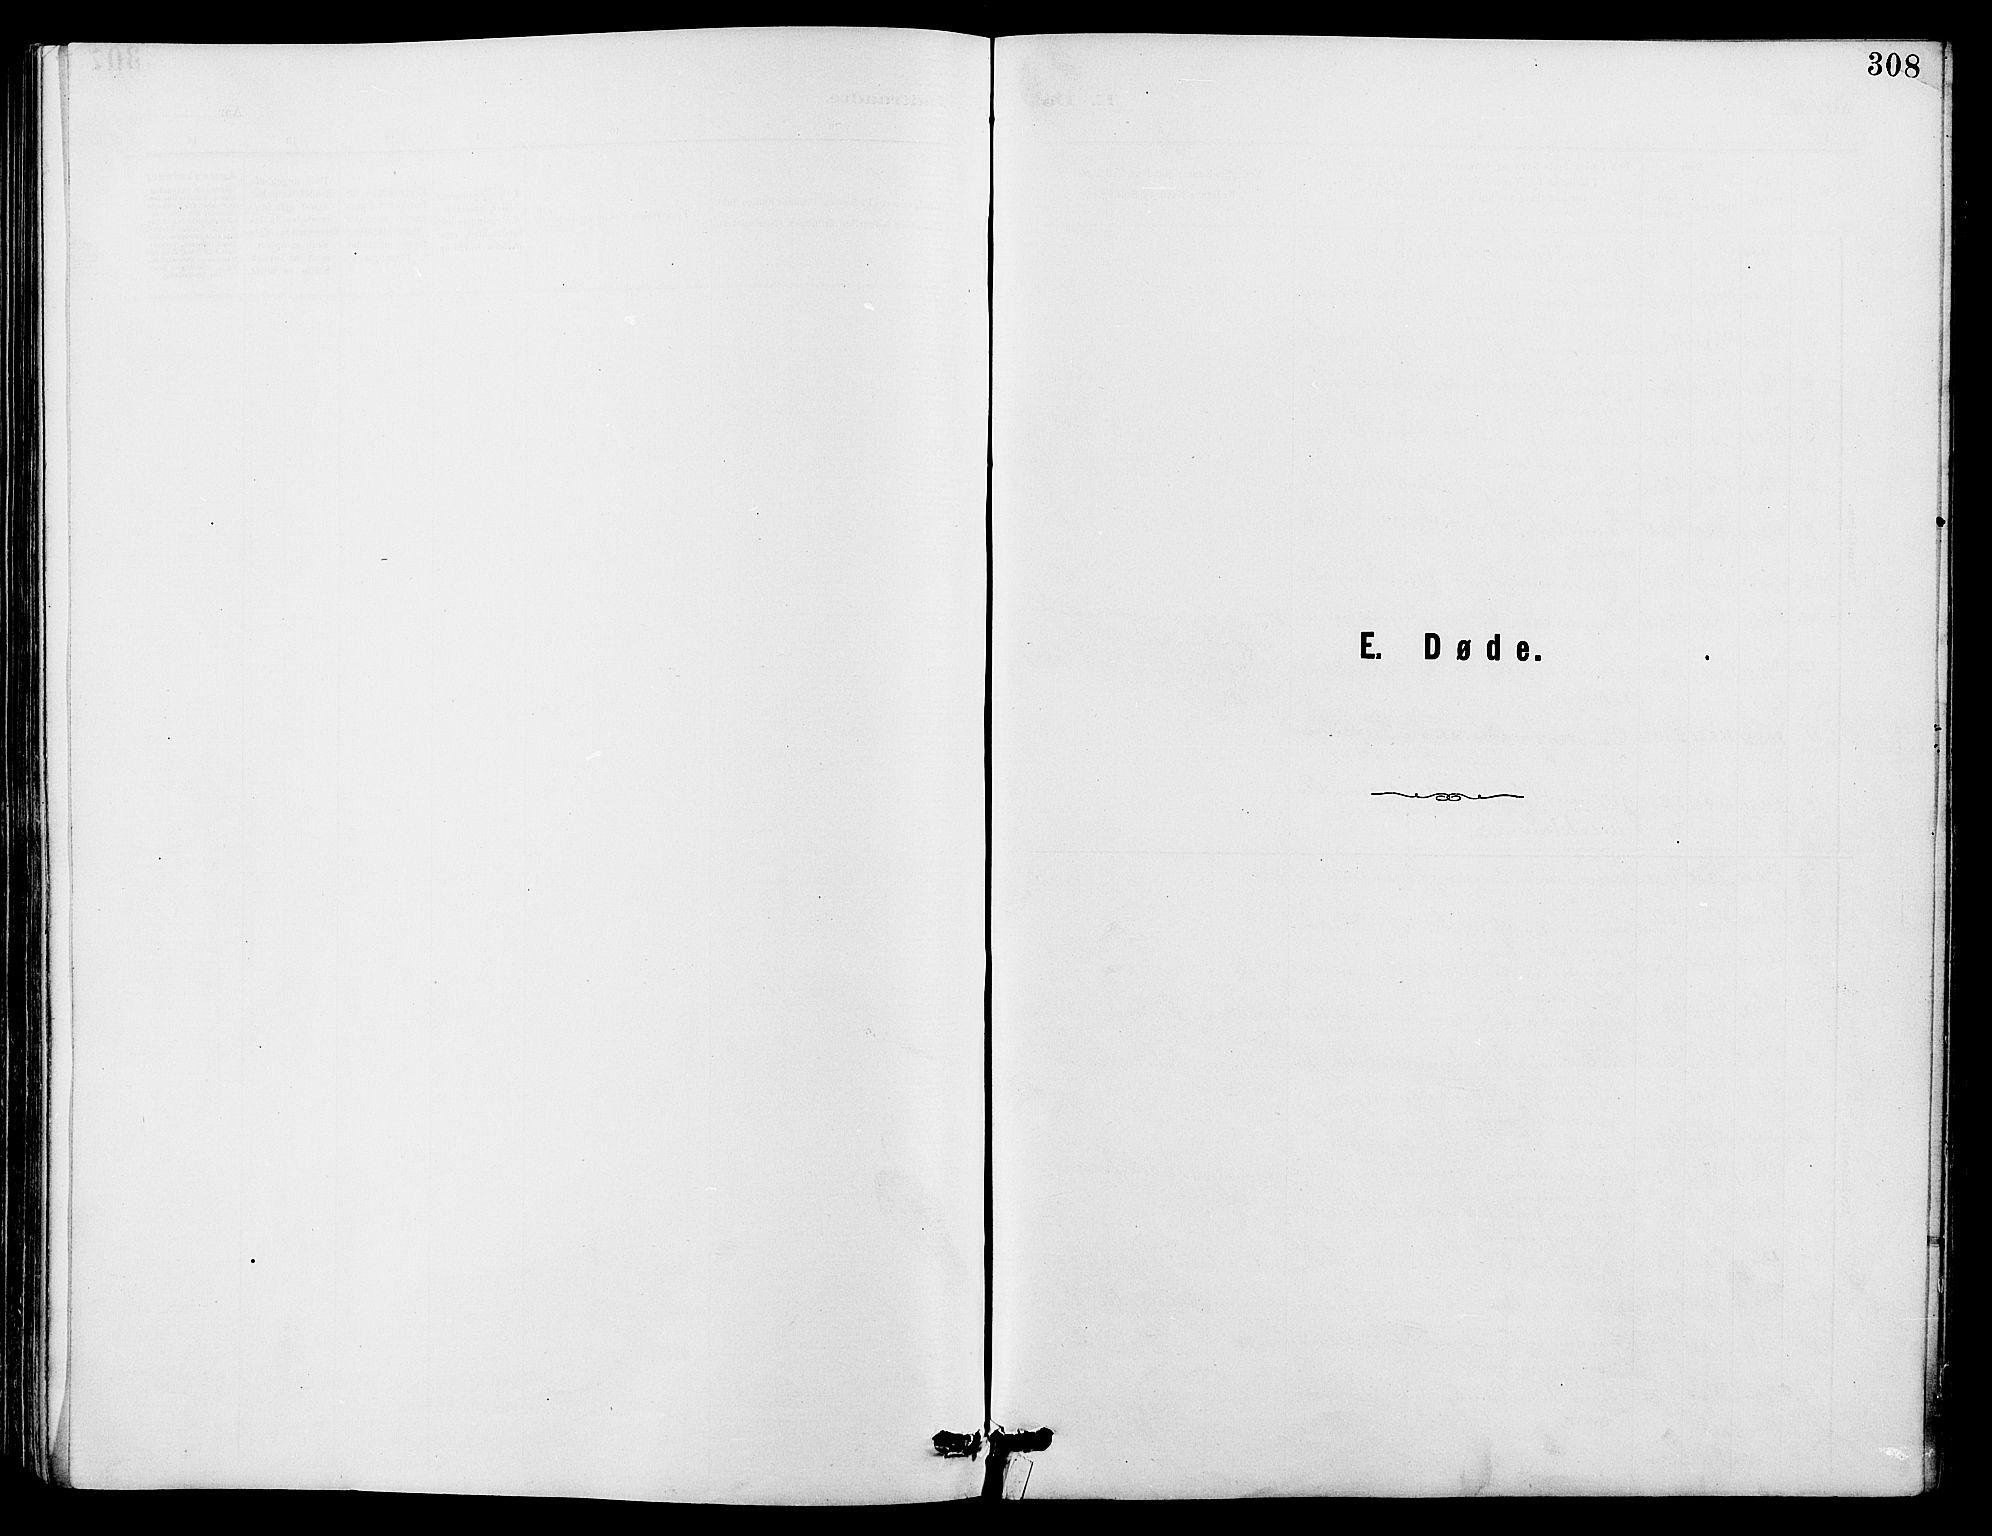 SAH, Dovre prestekontor, Klokkerbok nr. 2, 1881-1907, s. 308